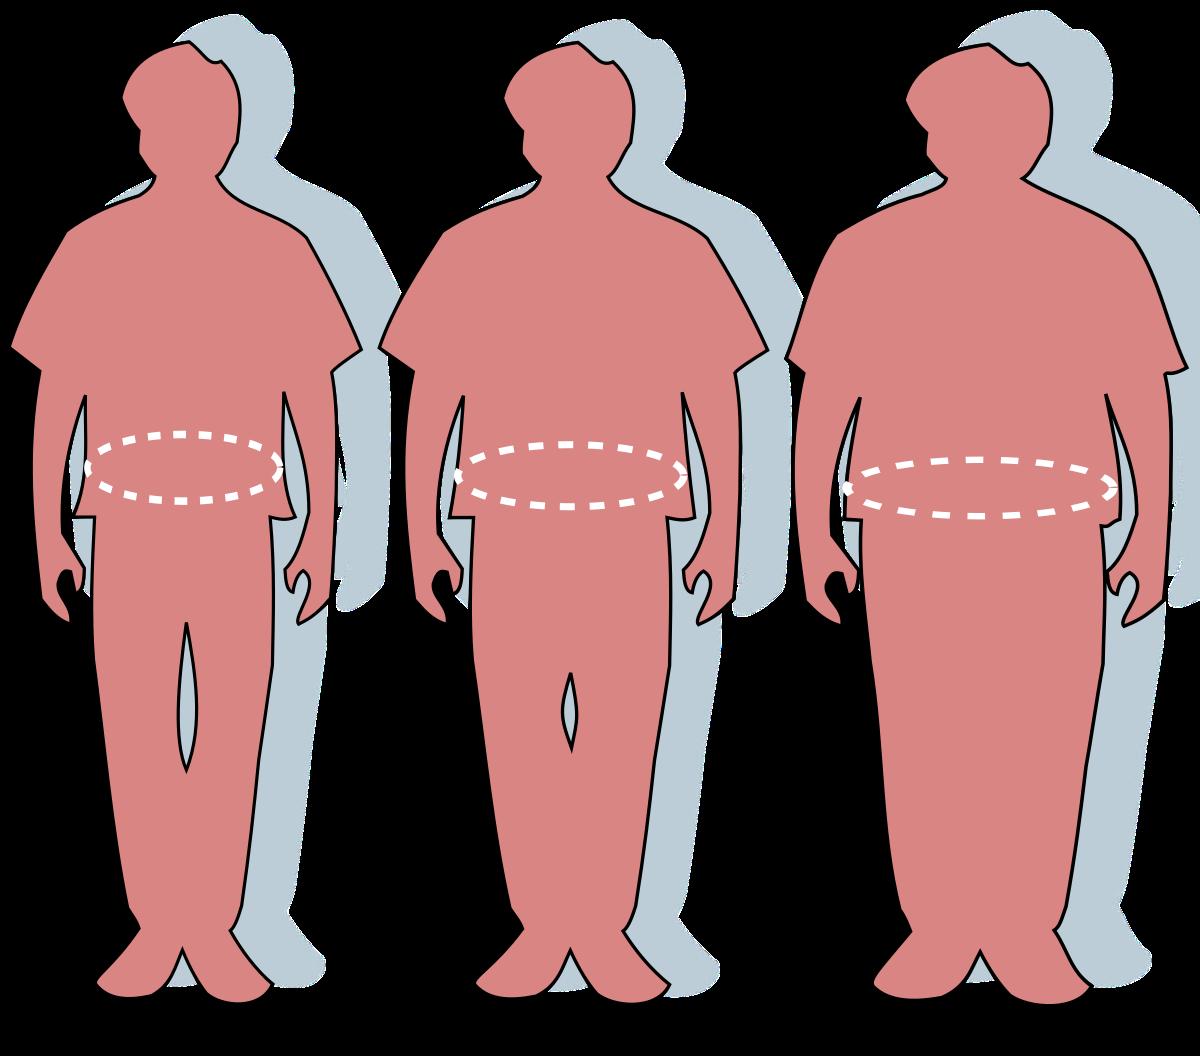 segít az elhízott személynek a fogyásban